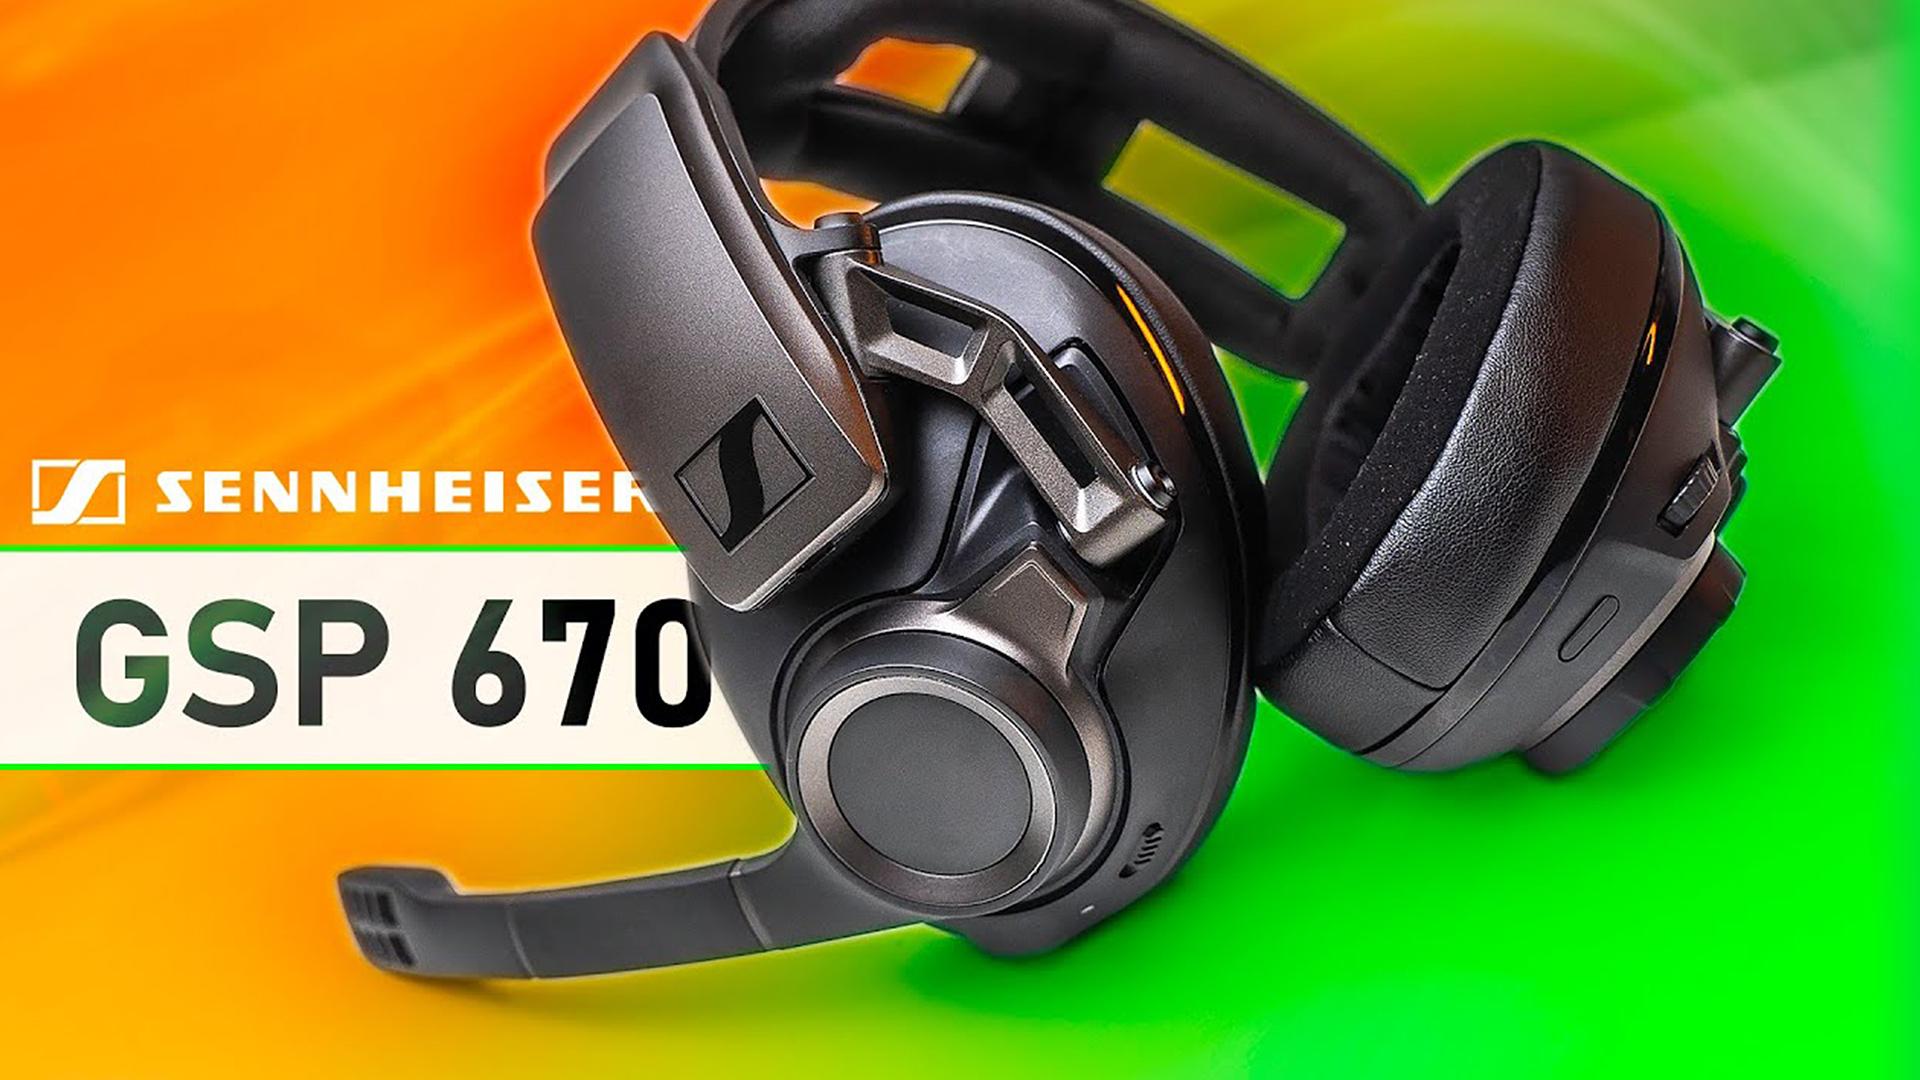 最好的无线耳机?森海塞尔 GSP 670 测评